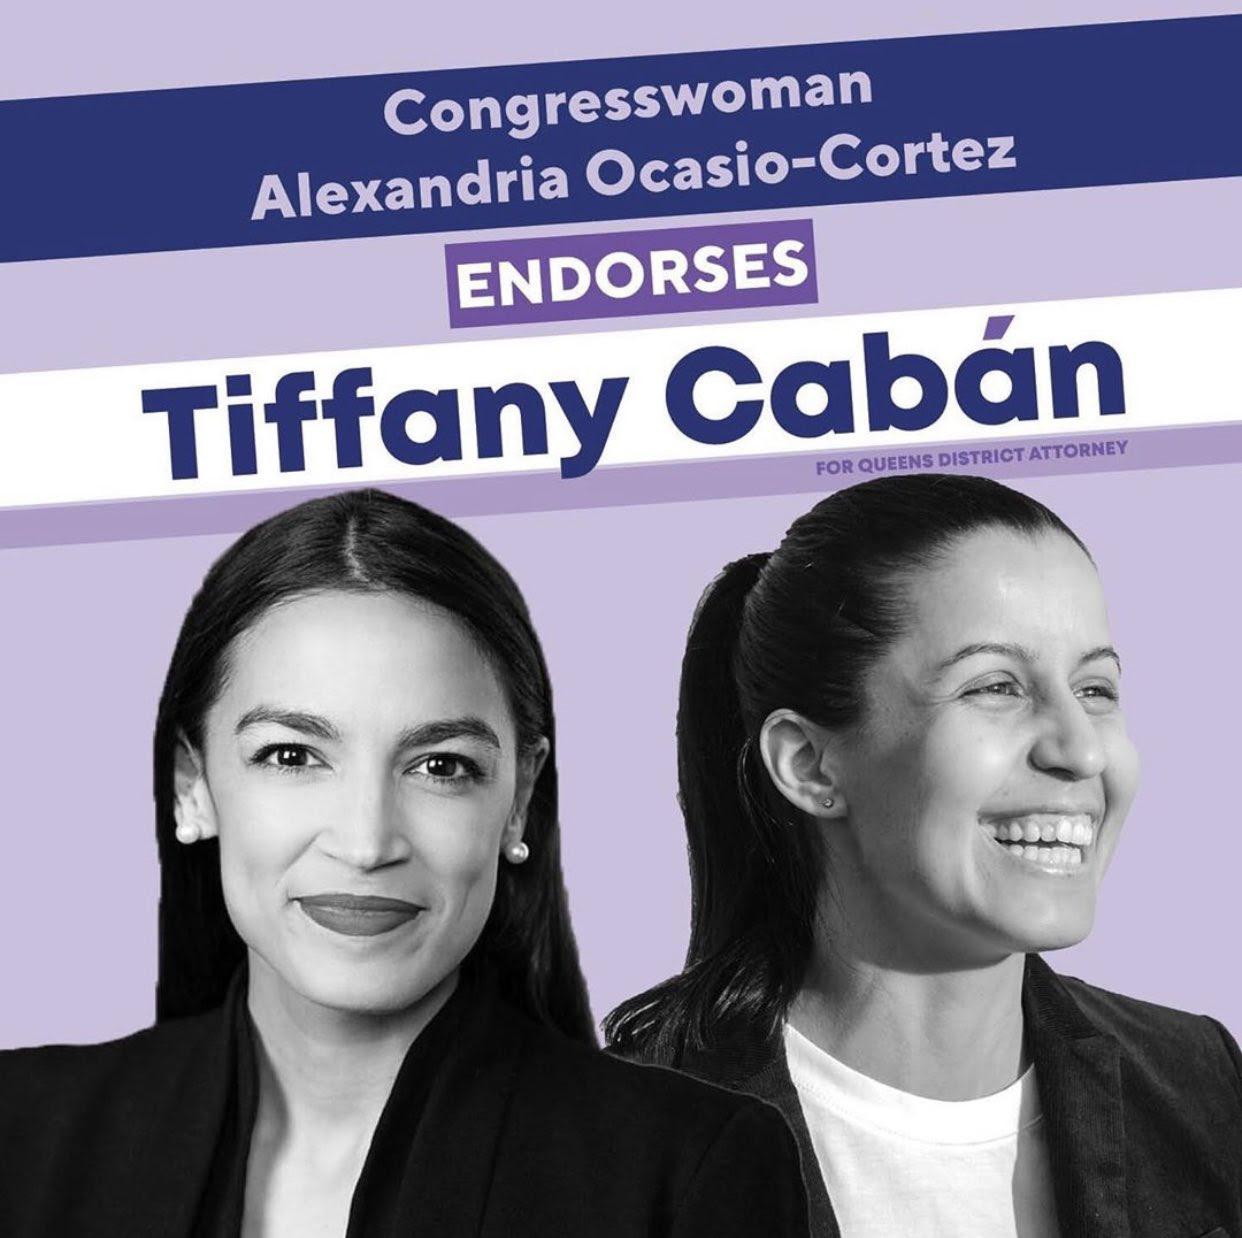 AOC endorses Tiffany Cabán!